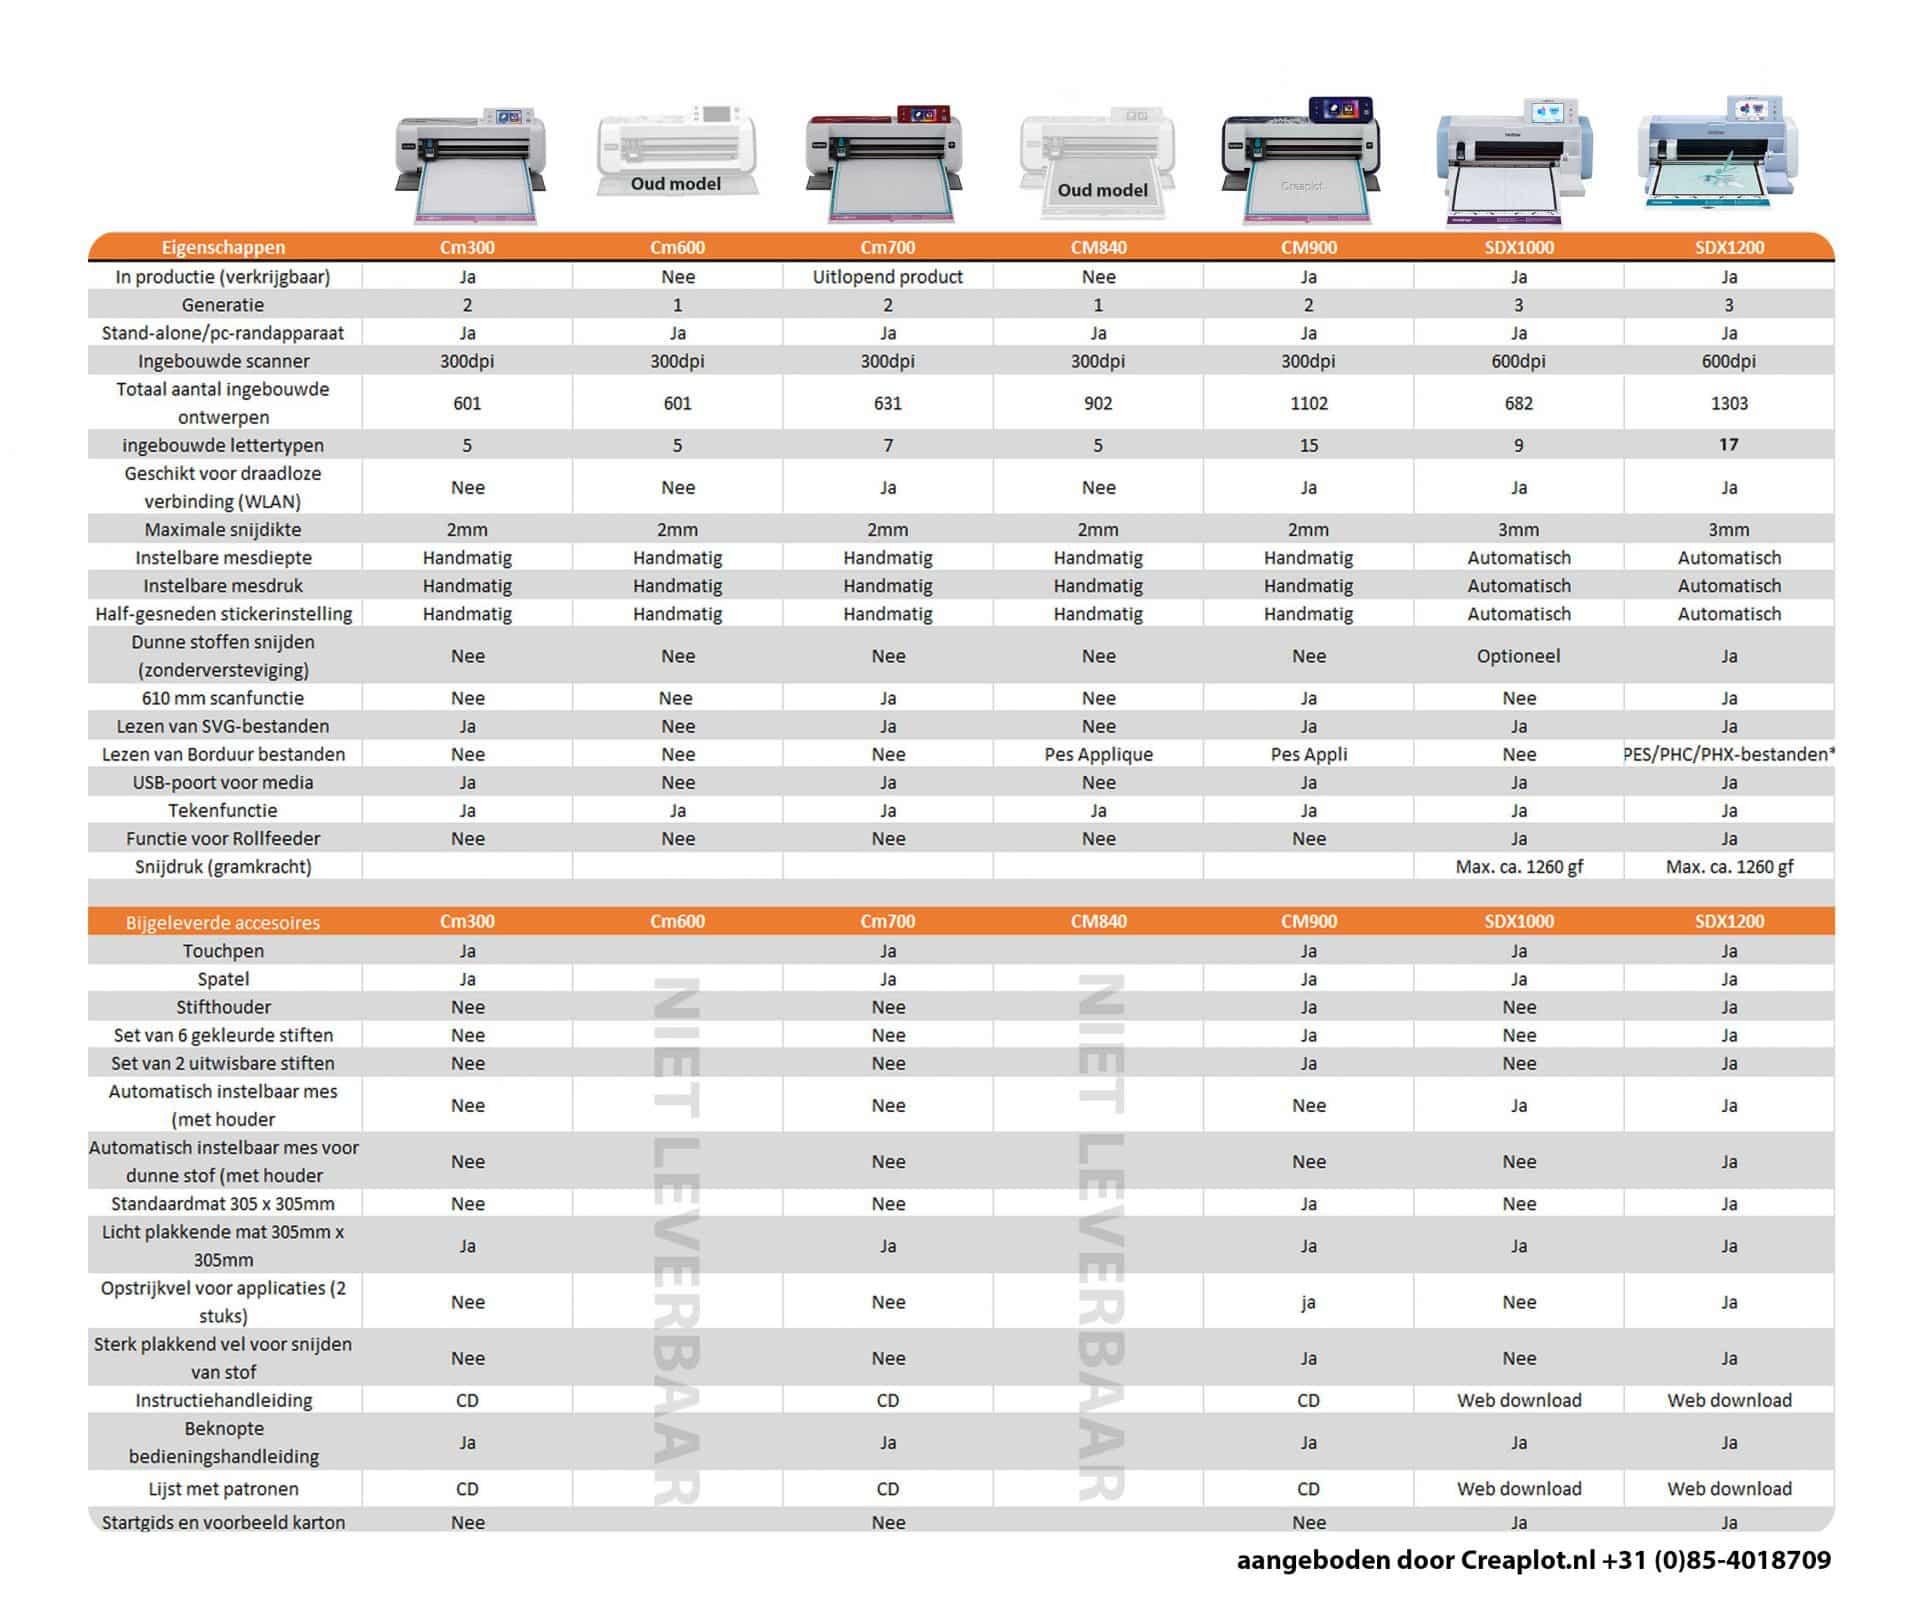 Vergelijkingstabel-Brother-ScanNCut-cm300-600-700-840-900-SDX1200